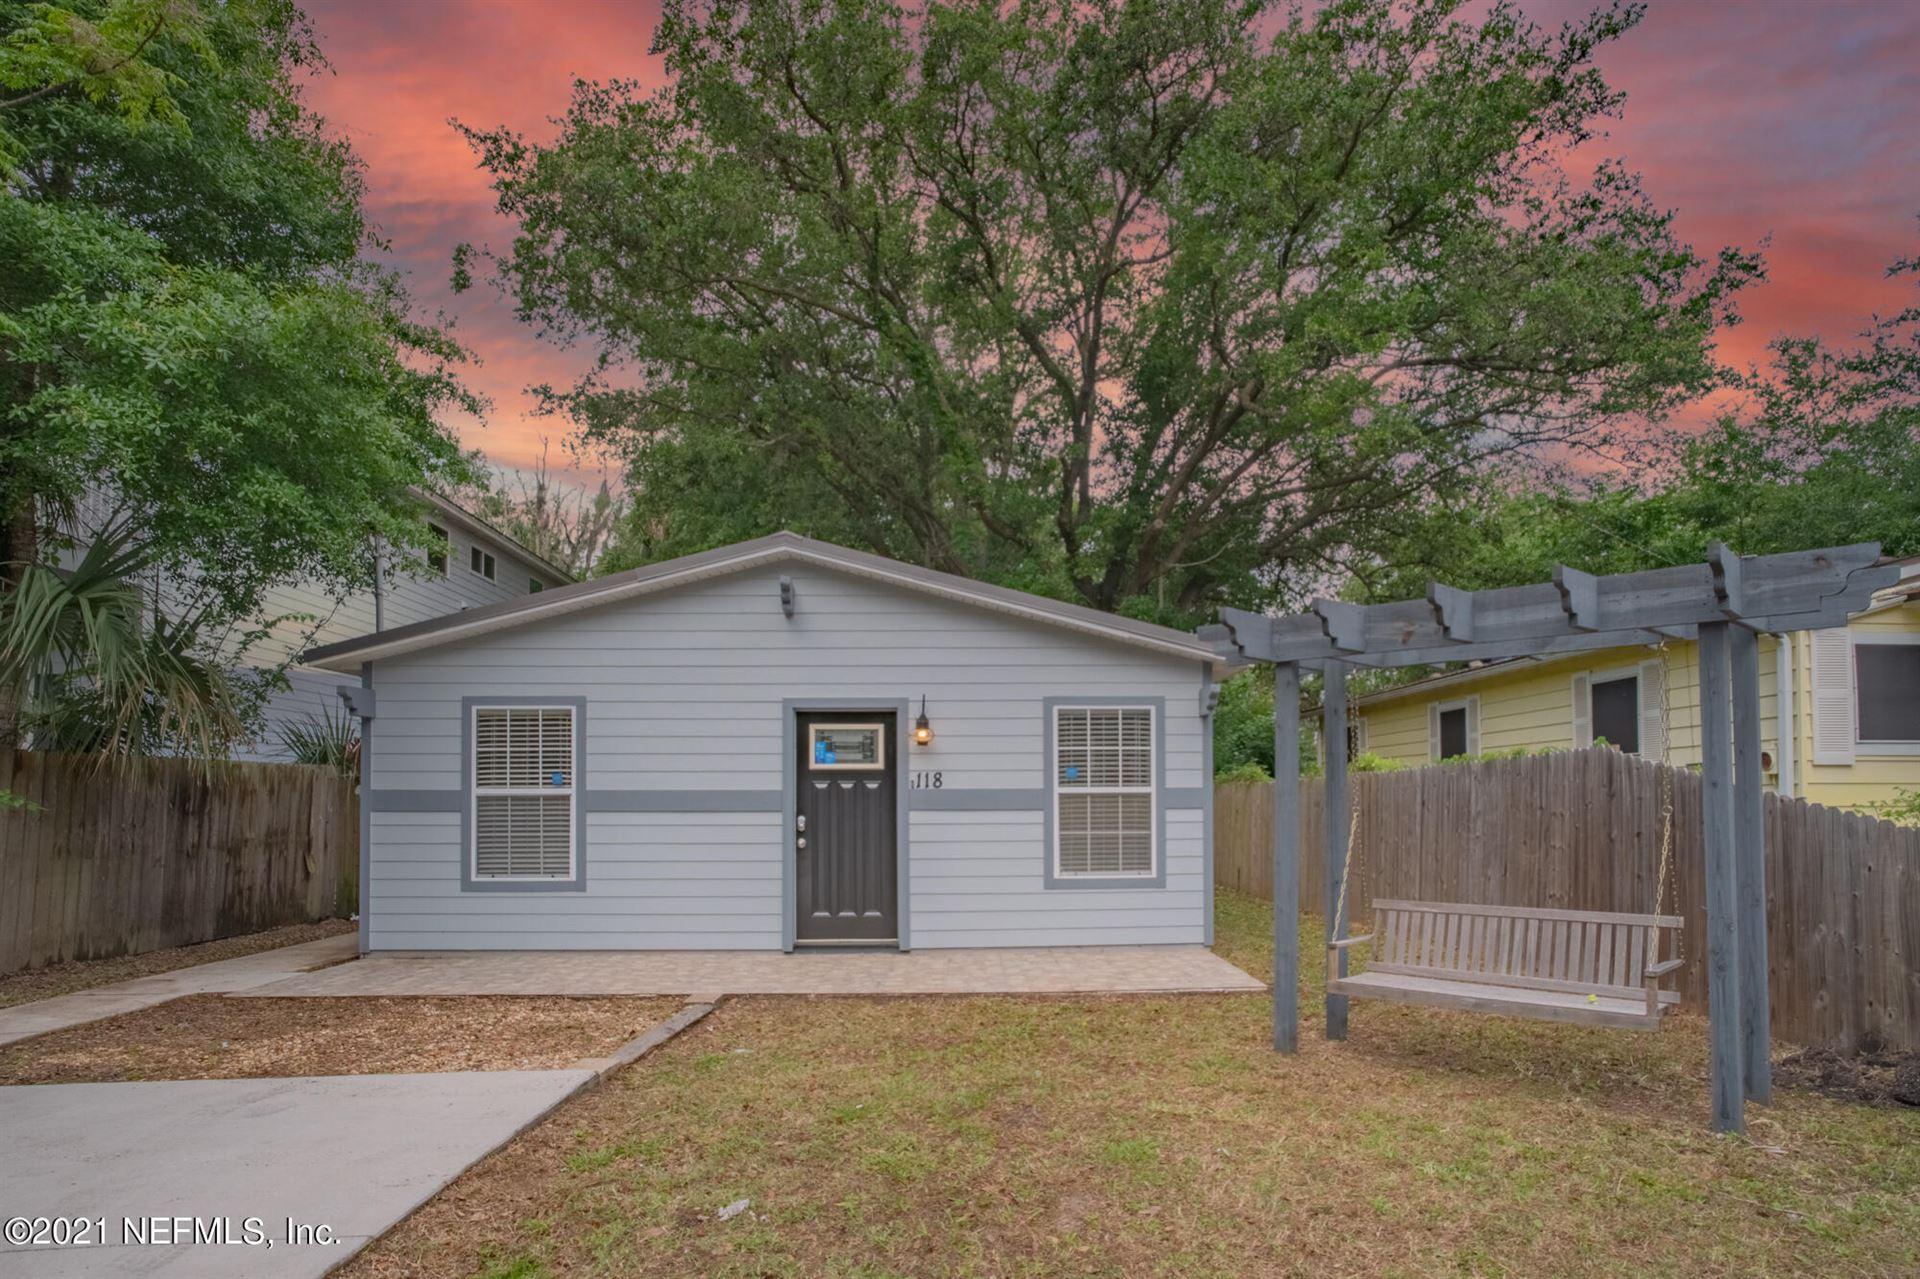 118 TWINE ST, Saint Augustine, FL 32084 - MLS#: 1105947